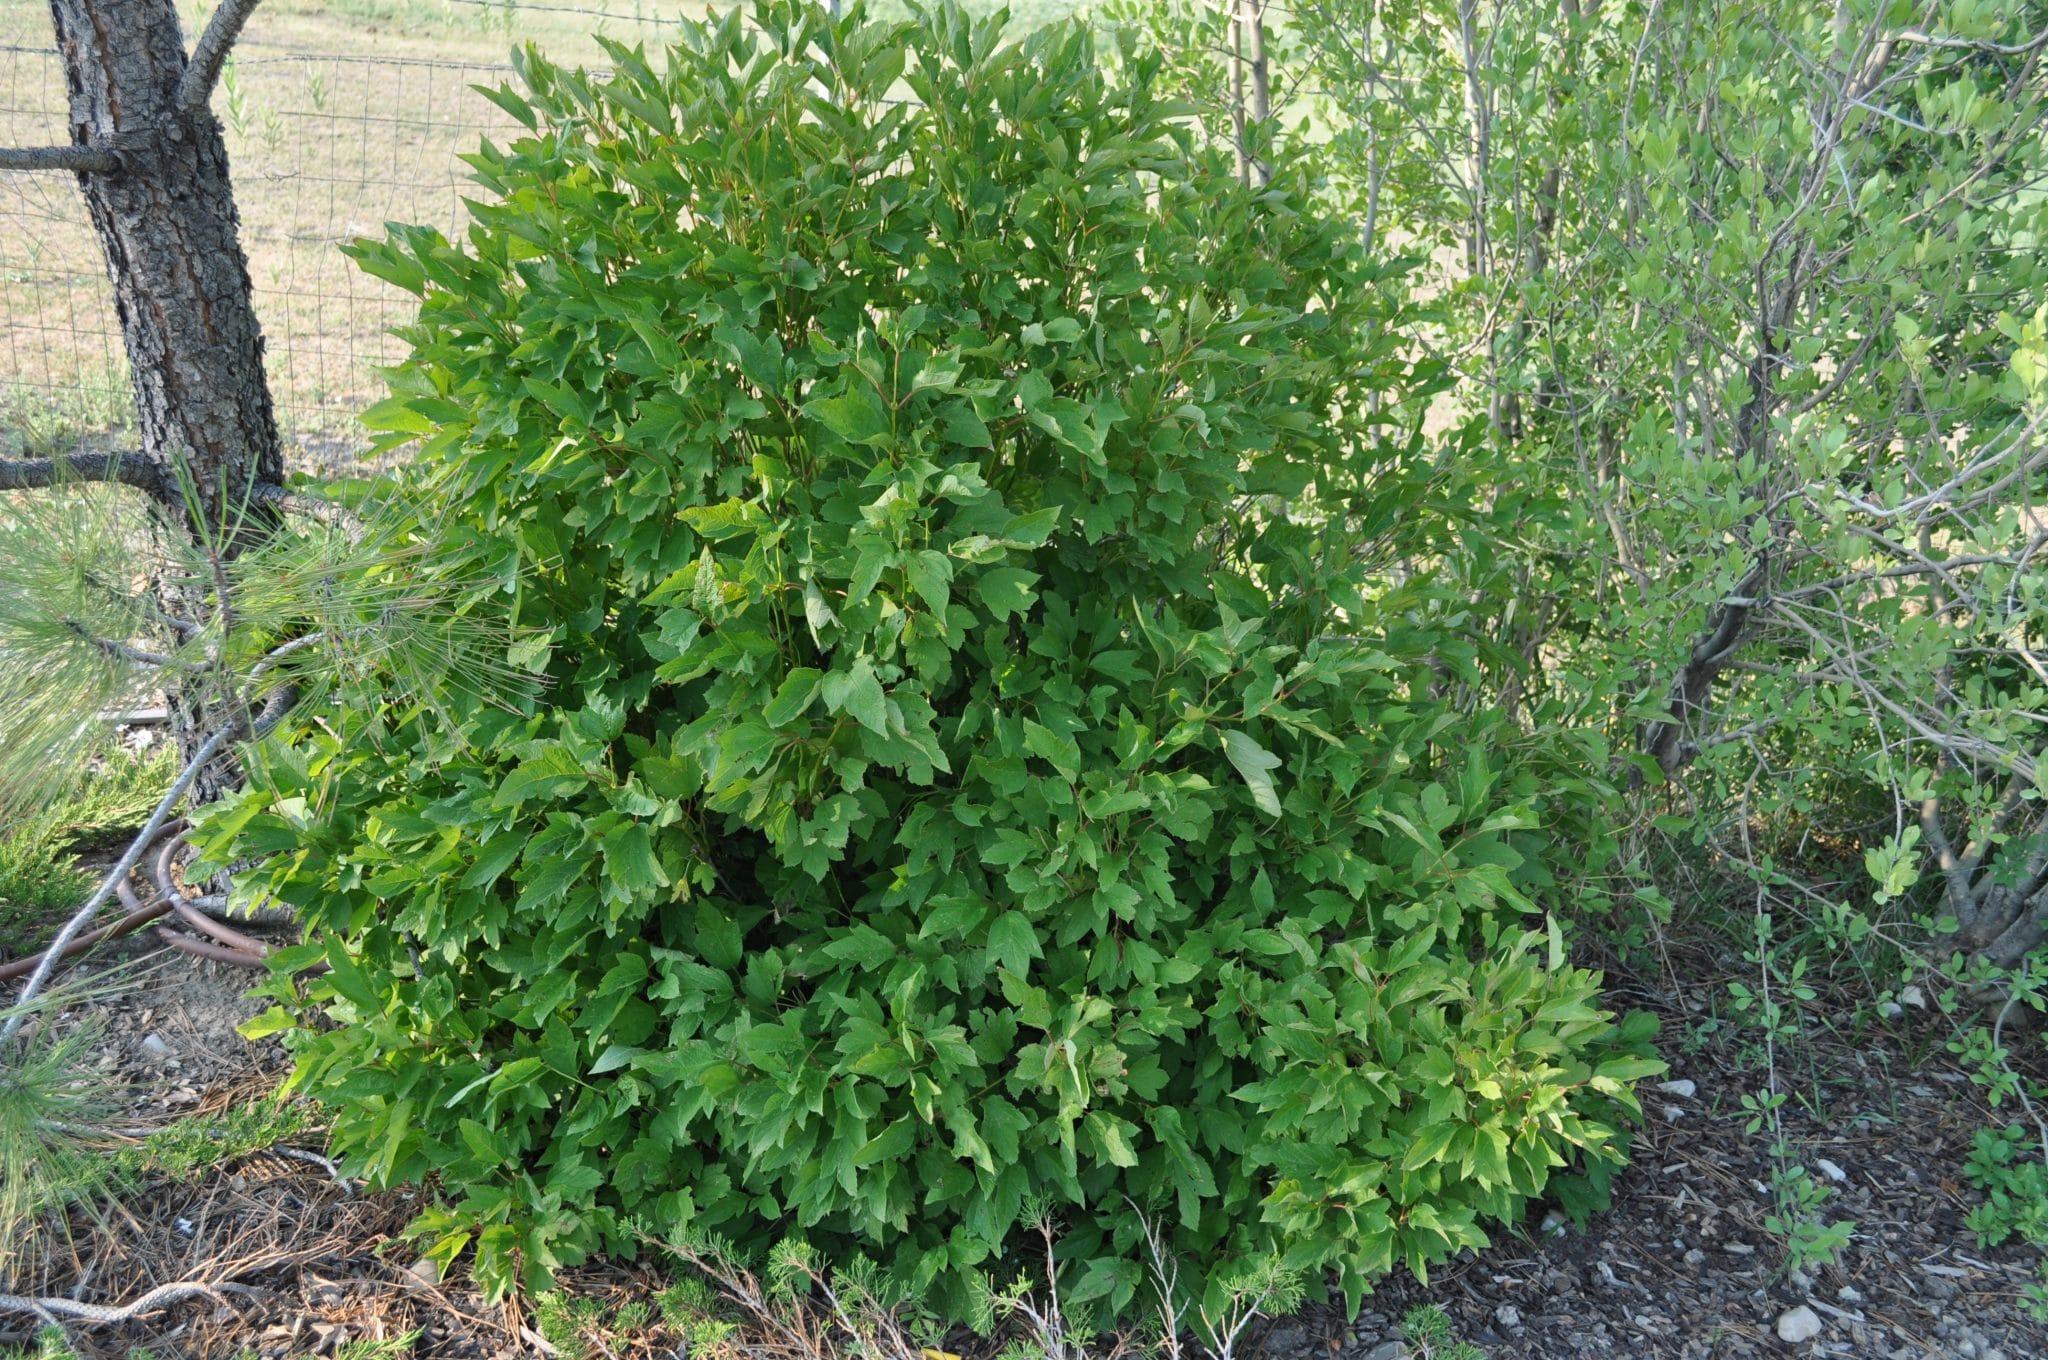 Viburnum-opulus-var.-americanum-Bailey-Compact-Bailey-Compact-American-Cranberrybush-CLOSEUP-scaled